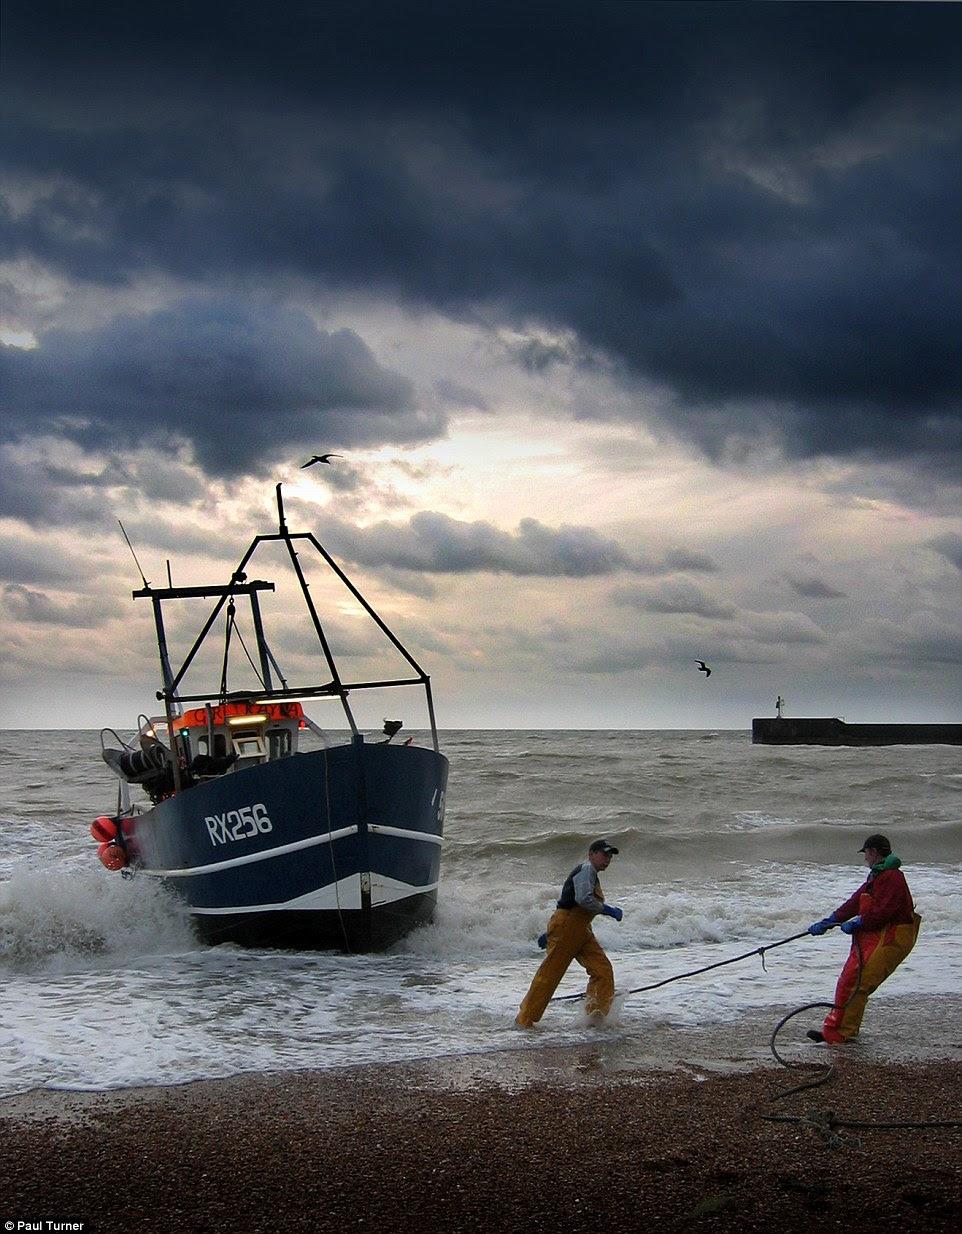 Fisherman arrastar sua embarcação para a praia nesta imagem apropriadamente chamado, que vem em terra por Paul Turner fotografado em Hastings, East Sussex